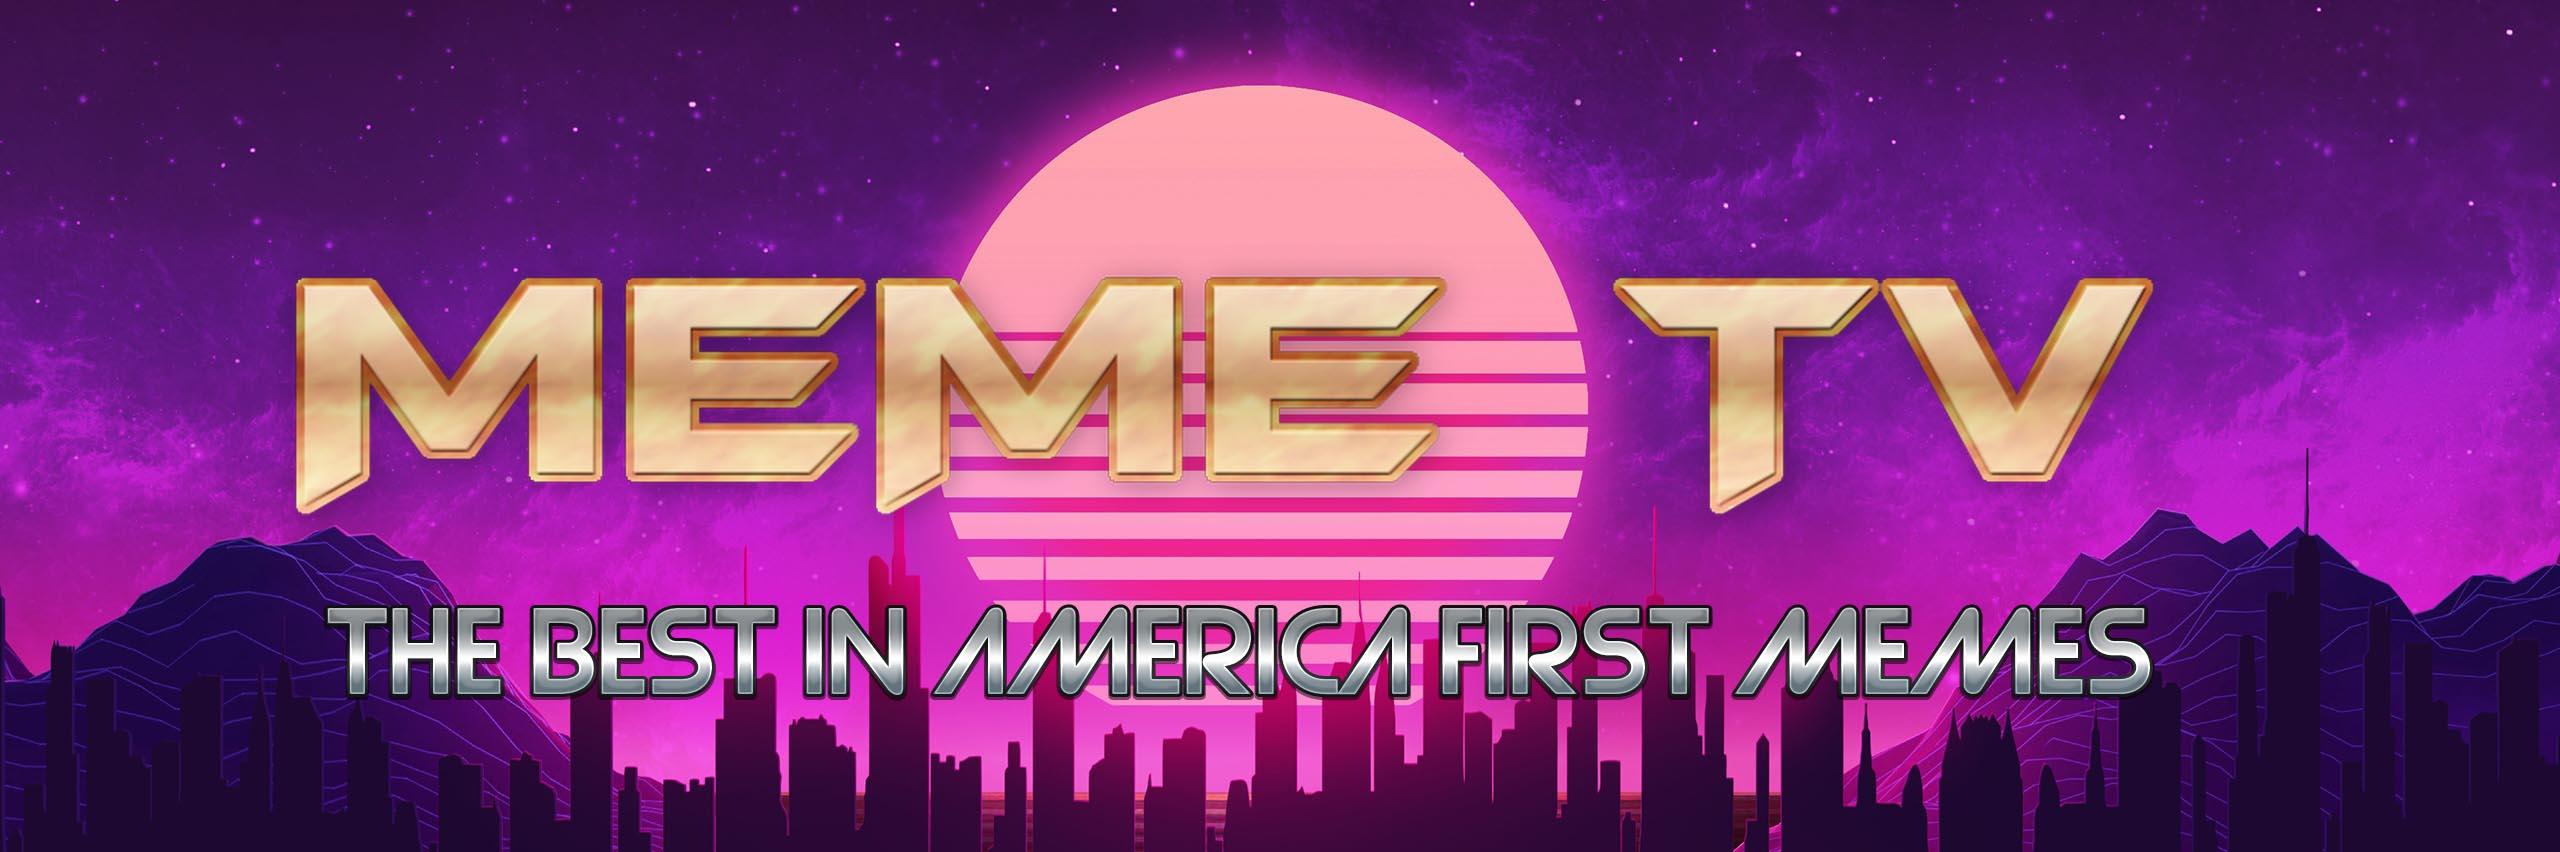 Meme_TV-header2-2